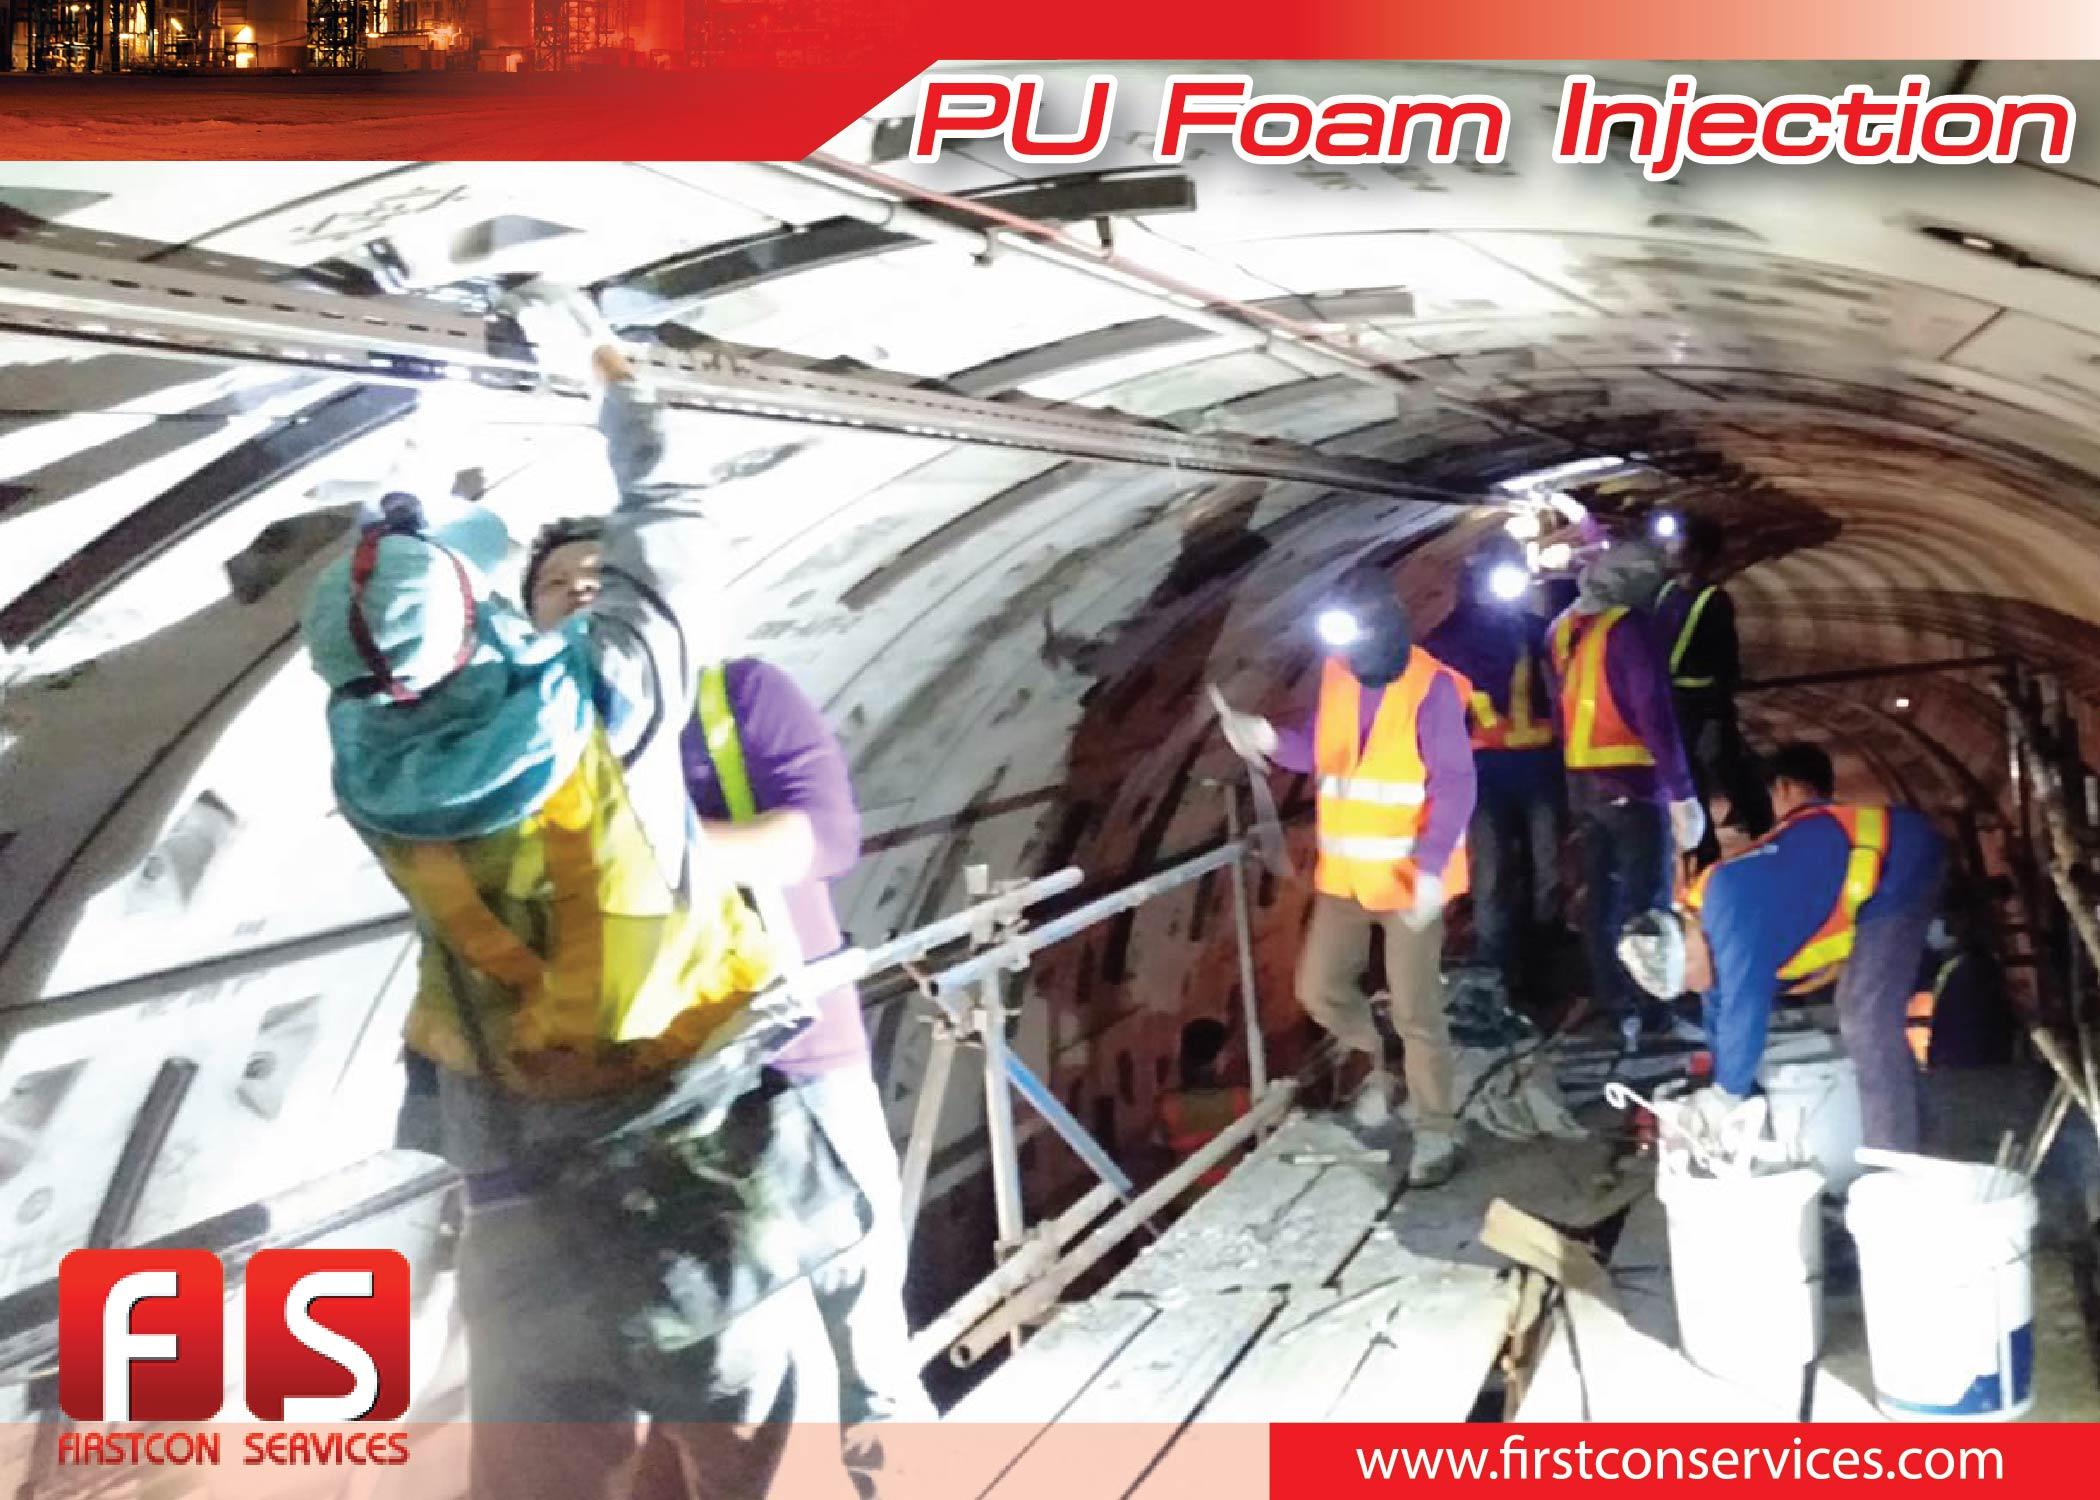 งานแก้ไขน้ำรั่วซึมโดยการฉีด PU Foam BEM